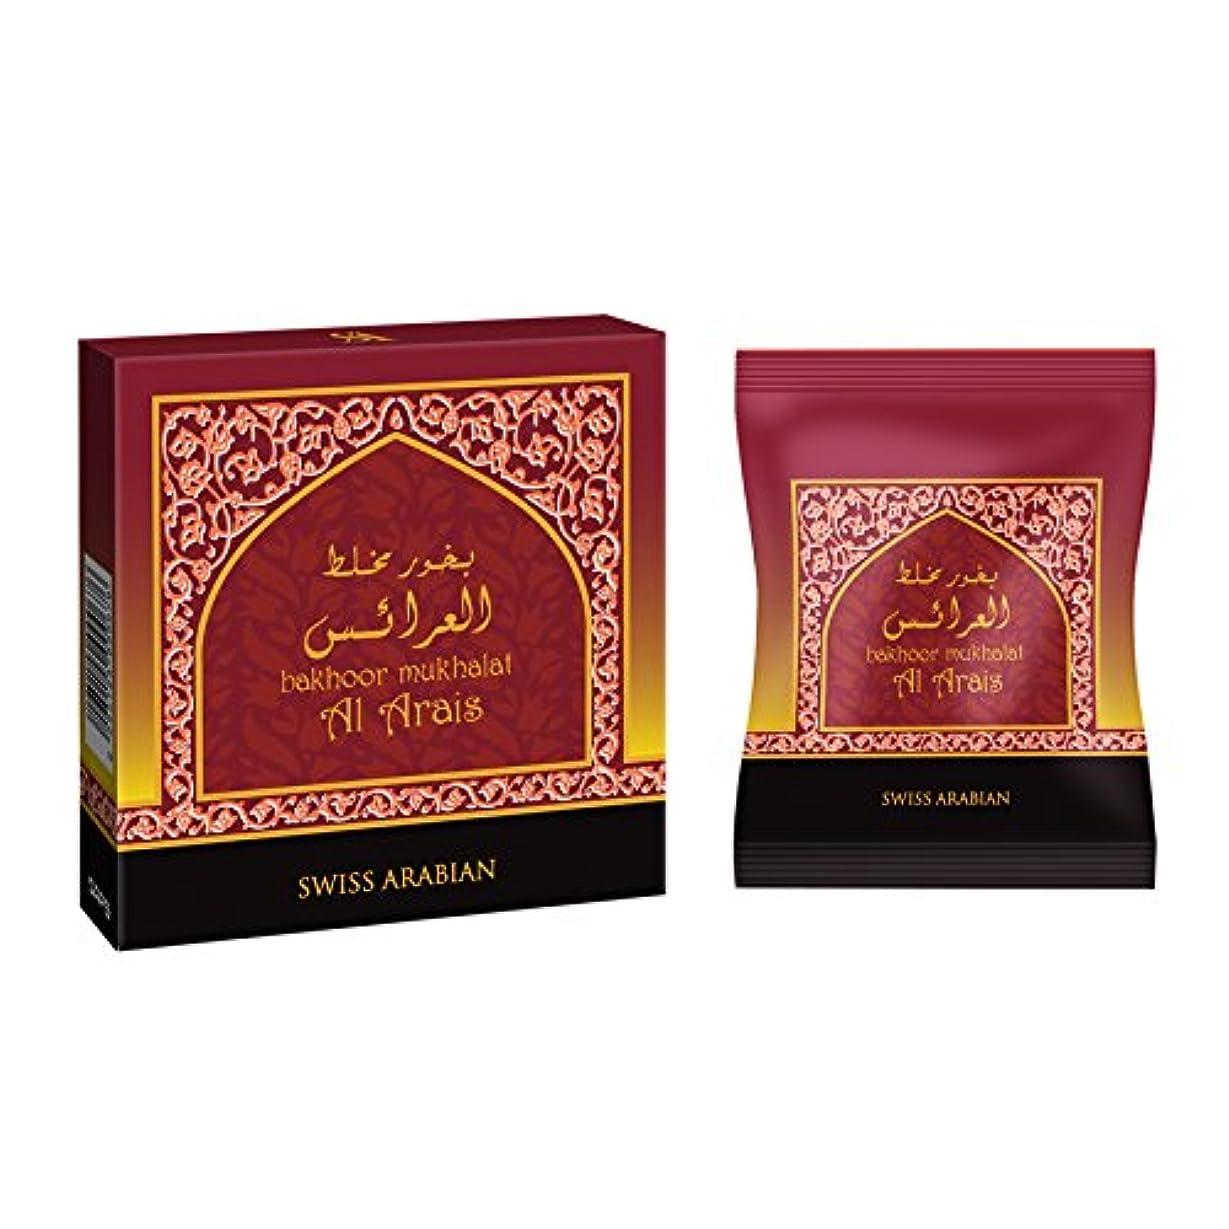 マーティフィールディング割る彼女swissarabian Mukhalat Al Arais Bakhoor (40g) Incense